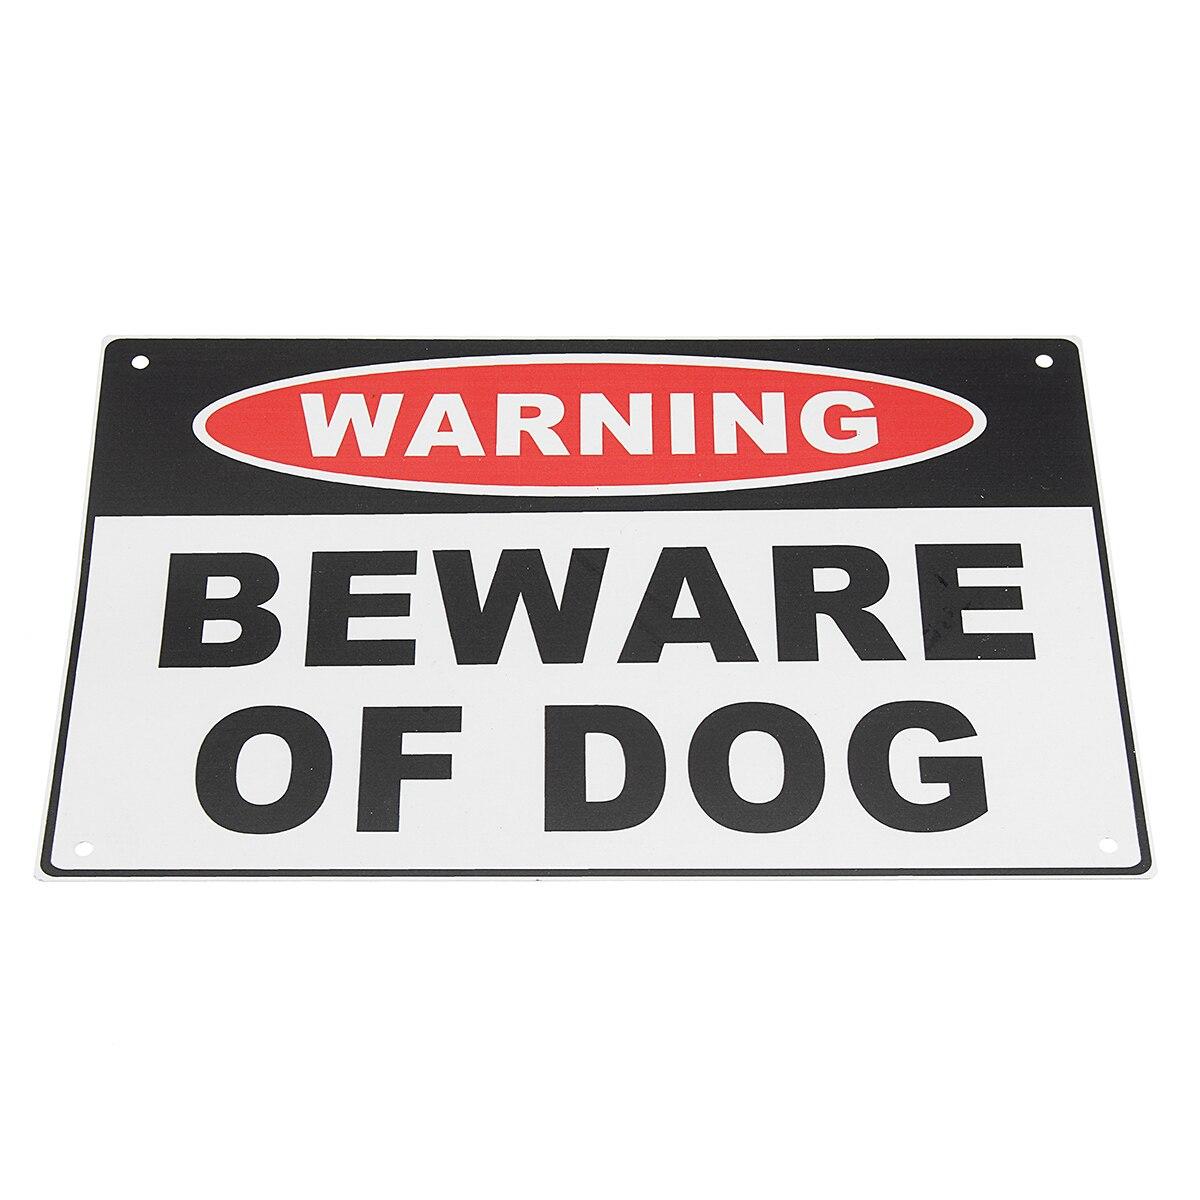 Предупреждение Остерегайтесь собаки металл алюминий безопасности Home Farm знак безопасности 200x300 мм